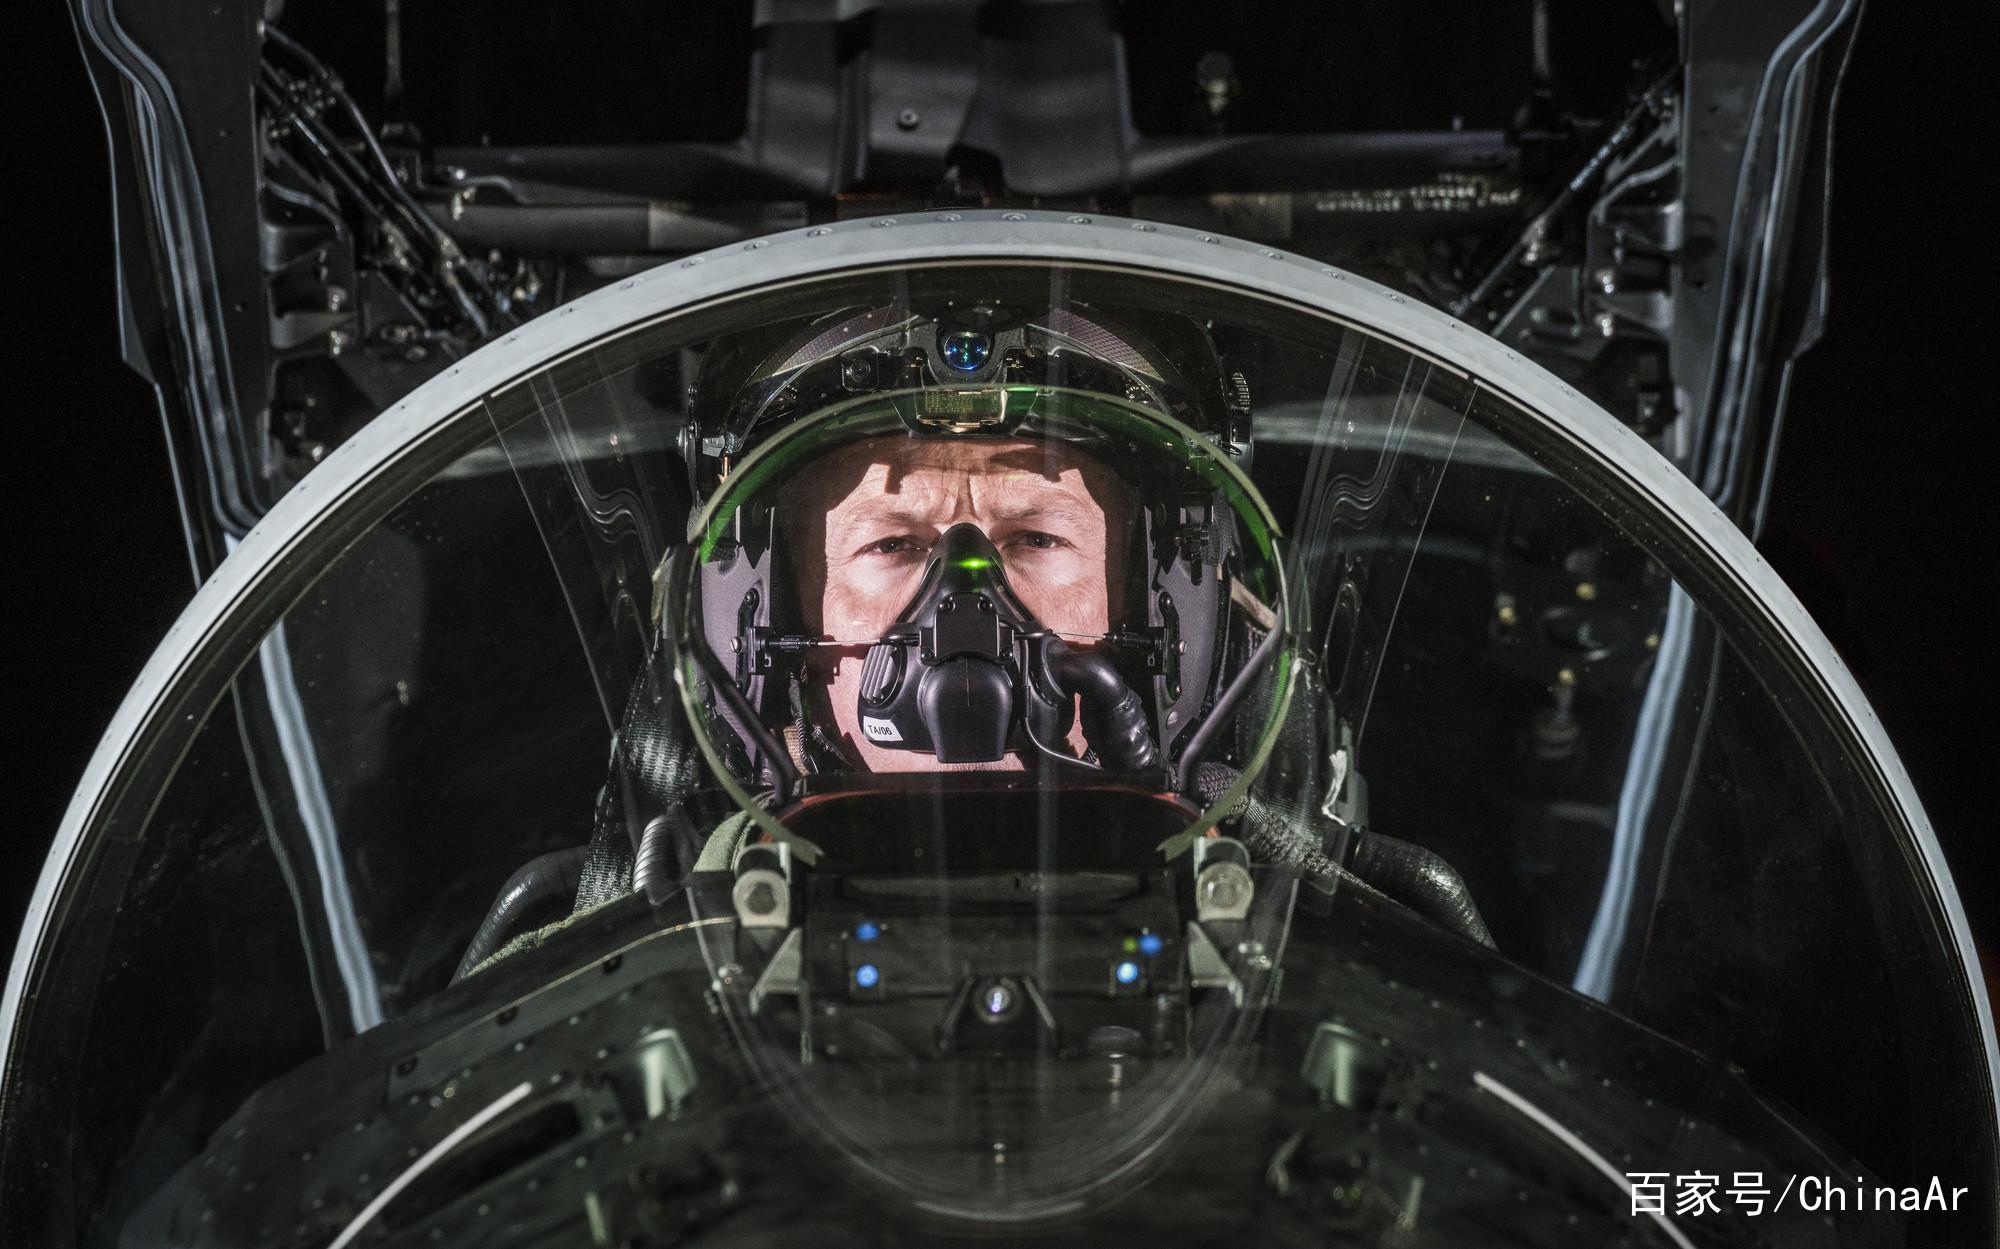 把AR技术应用到战斗机飞行上 让科幻变成现实